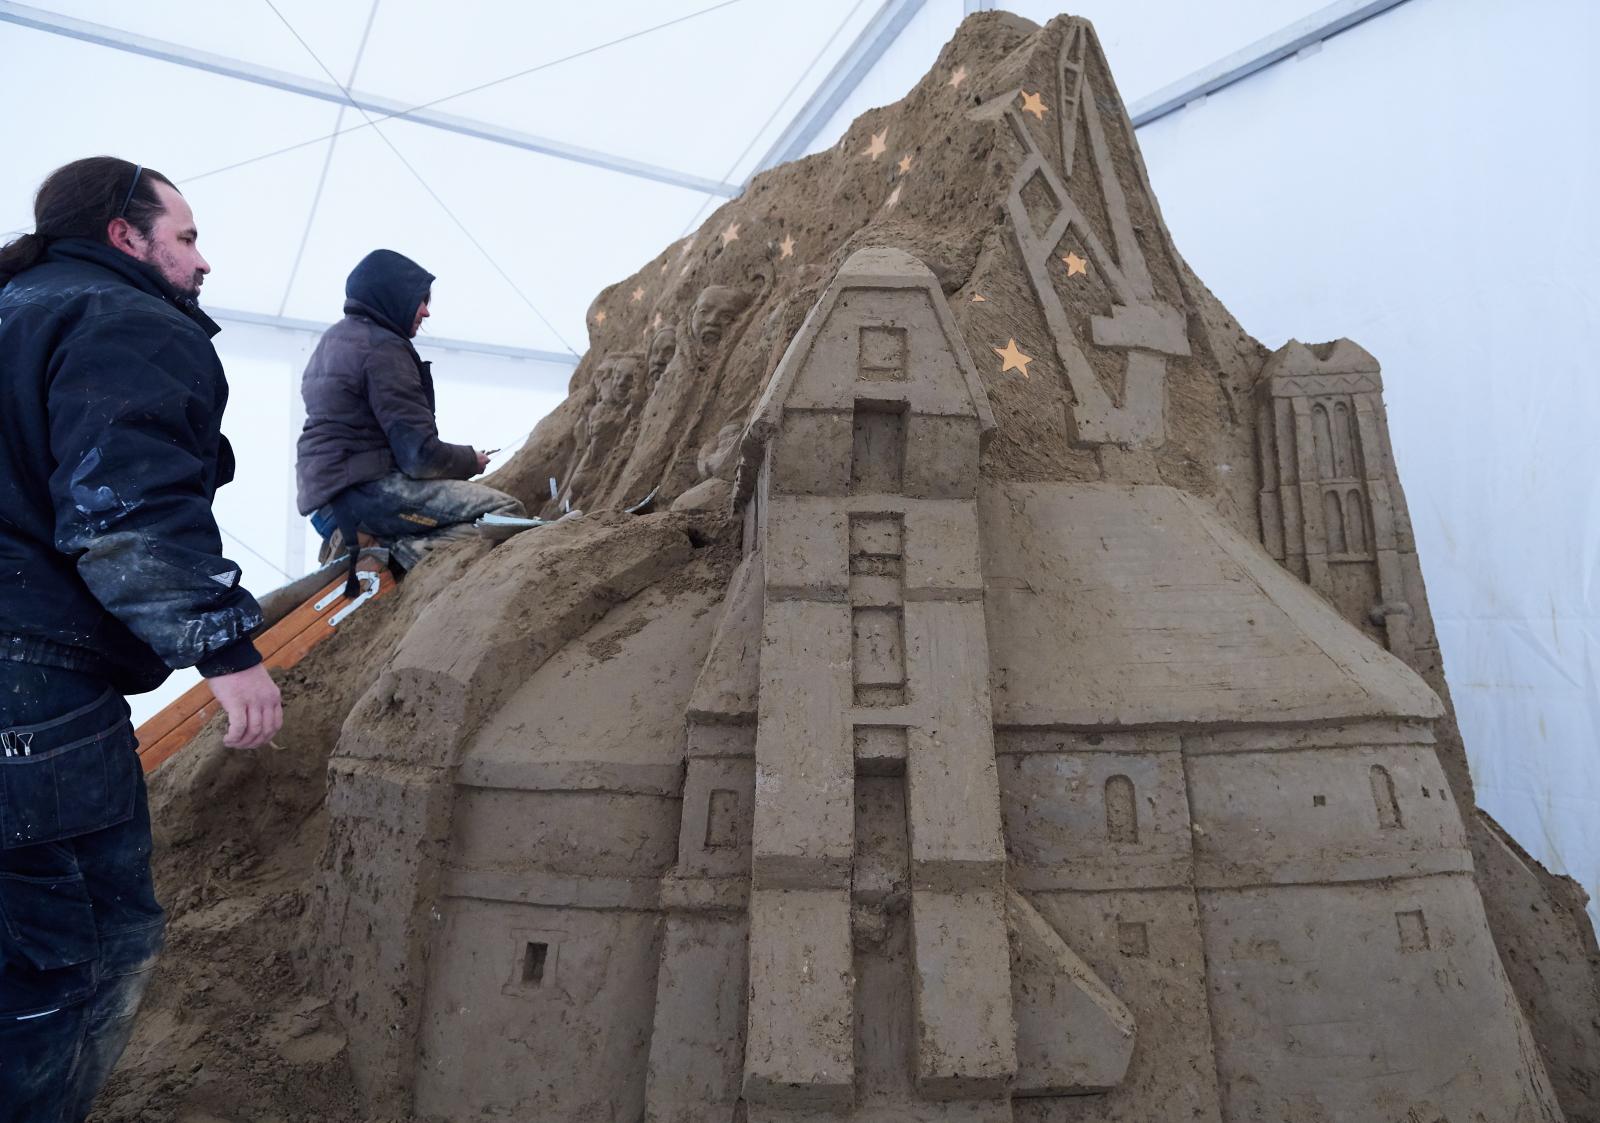 Pomysł piaskowej szopki w Gdańsku, której pomysłodawcą jest Fundacja Wspólnota Gdańska. Fot.  PAP/Adam Warżawa